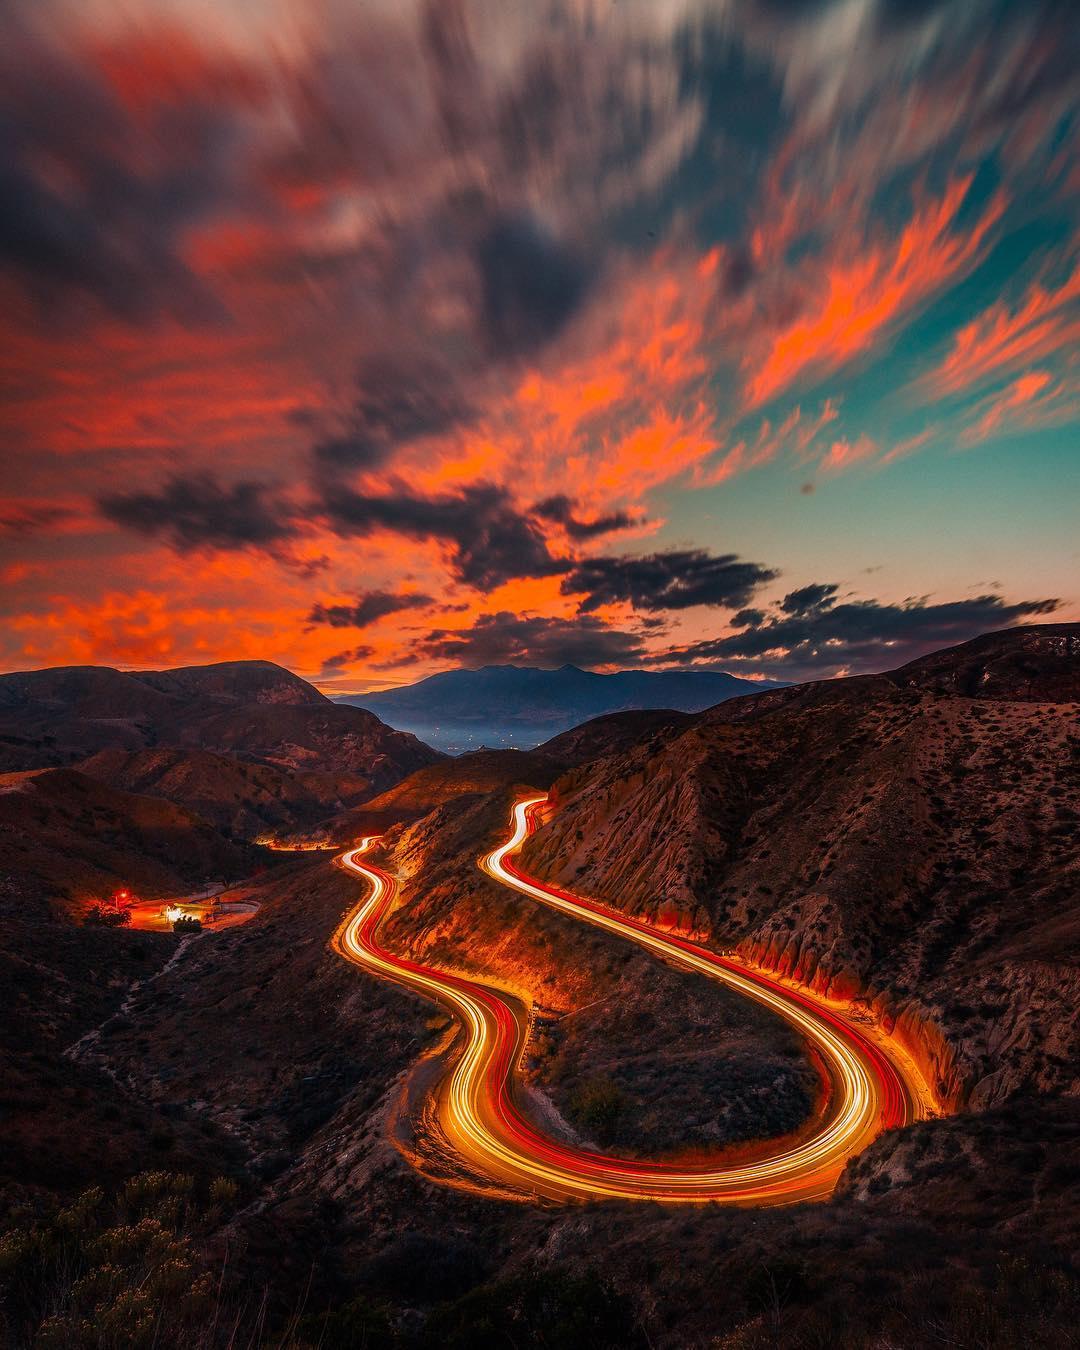 Imagens aéreas de paisagens vibrantes do fotógrafo Niaz Uddin 12